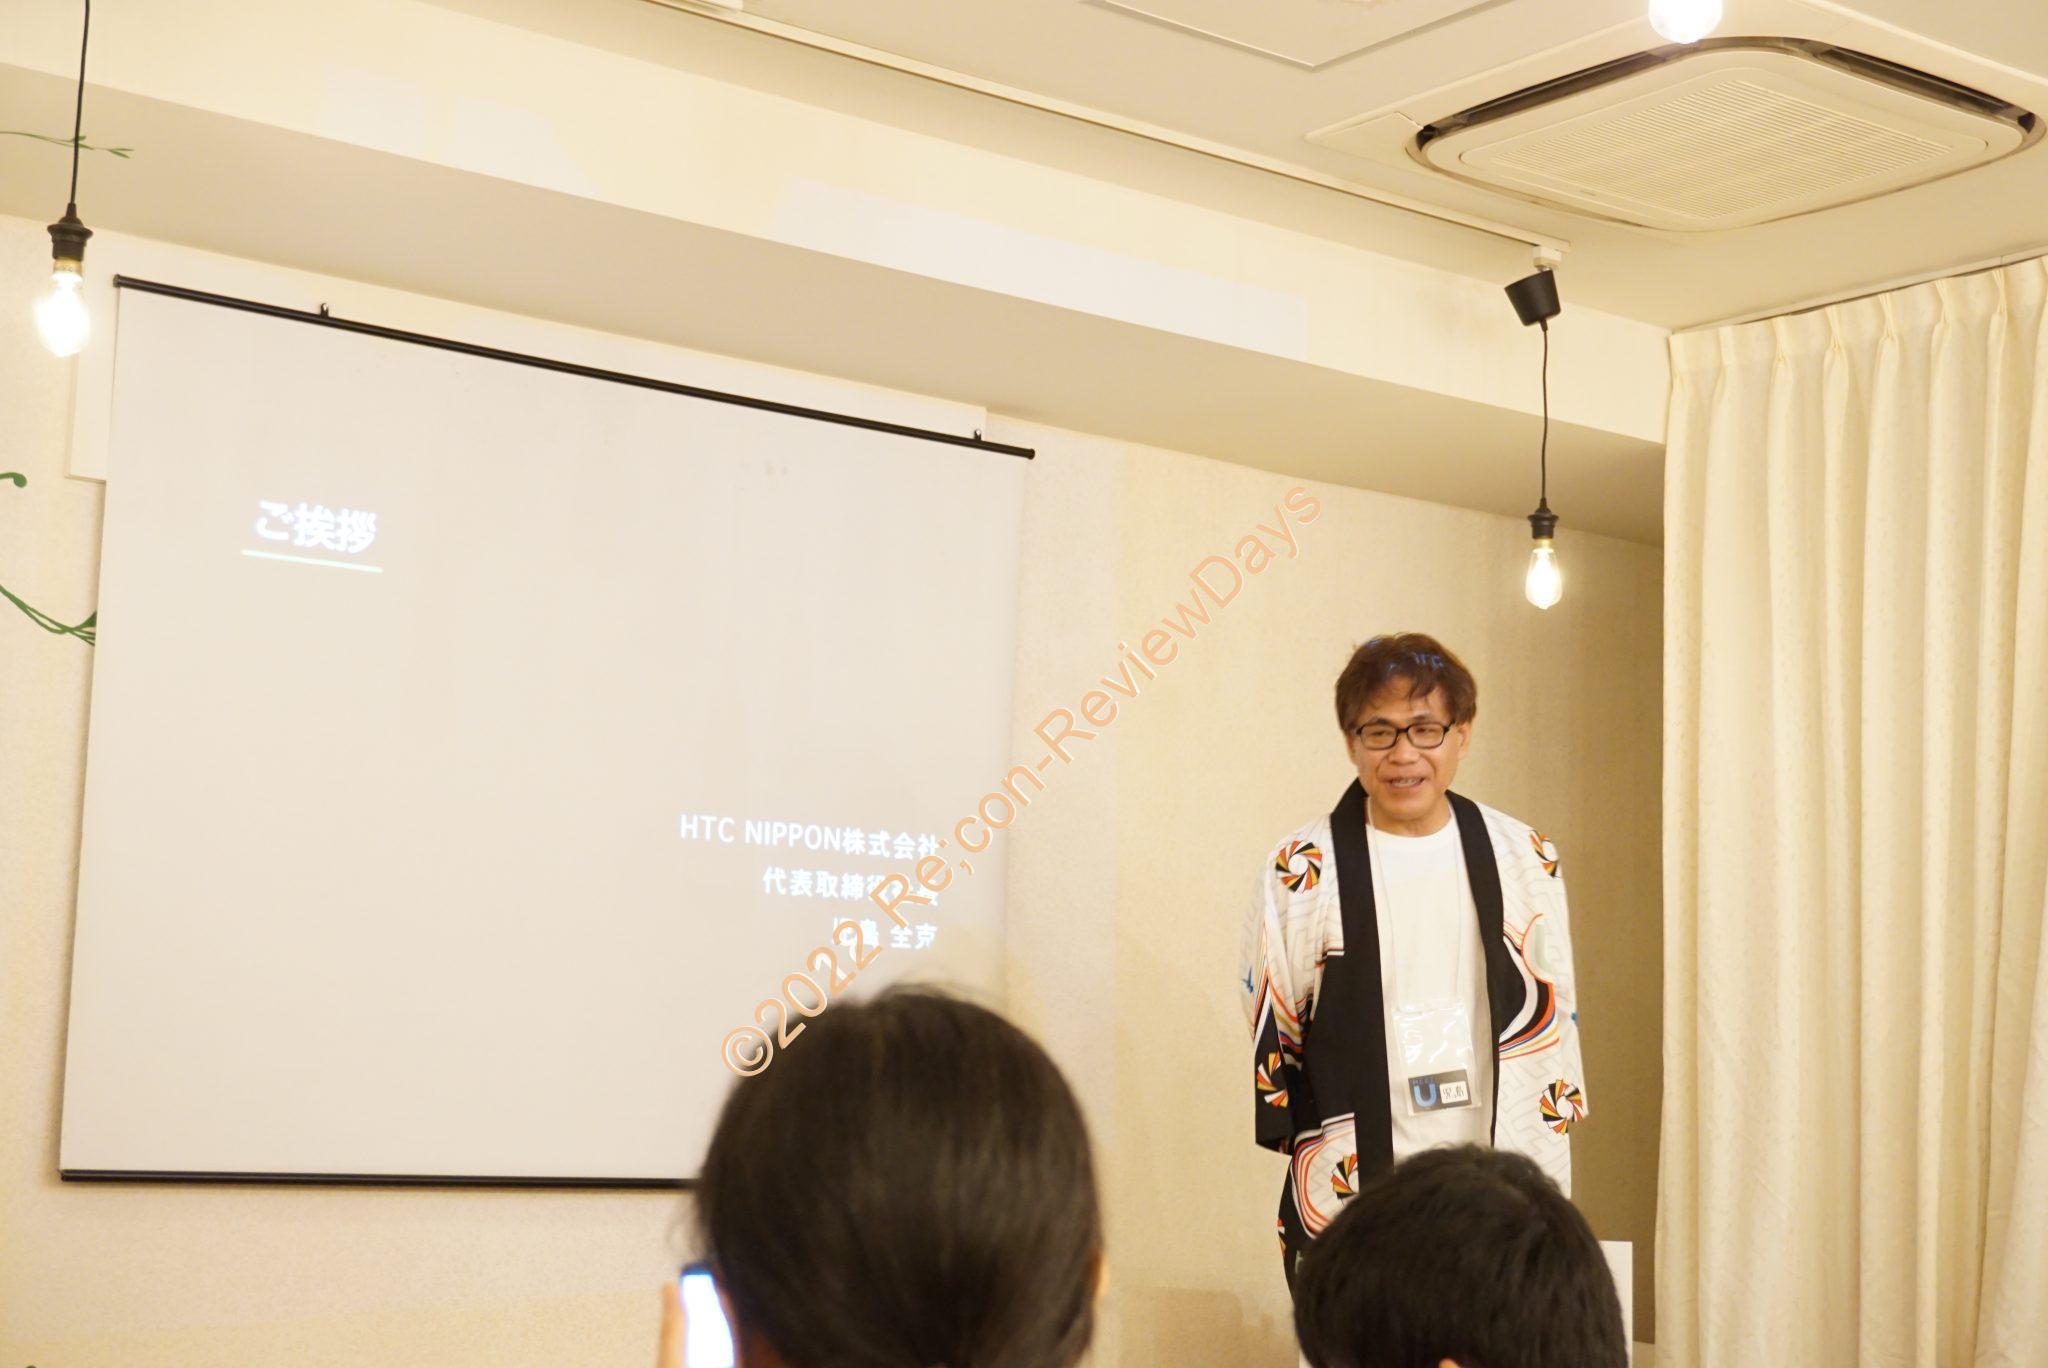 2018年9月28日に開催されたHTC Meet U 大阪会場のイベントレポート その1 U12+の紹介 #HTC #Meet_U #U12Plus